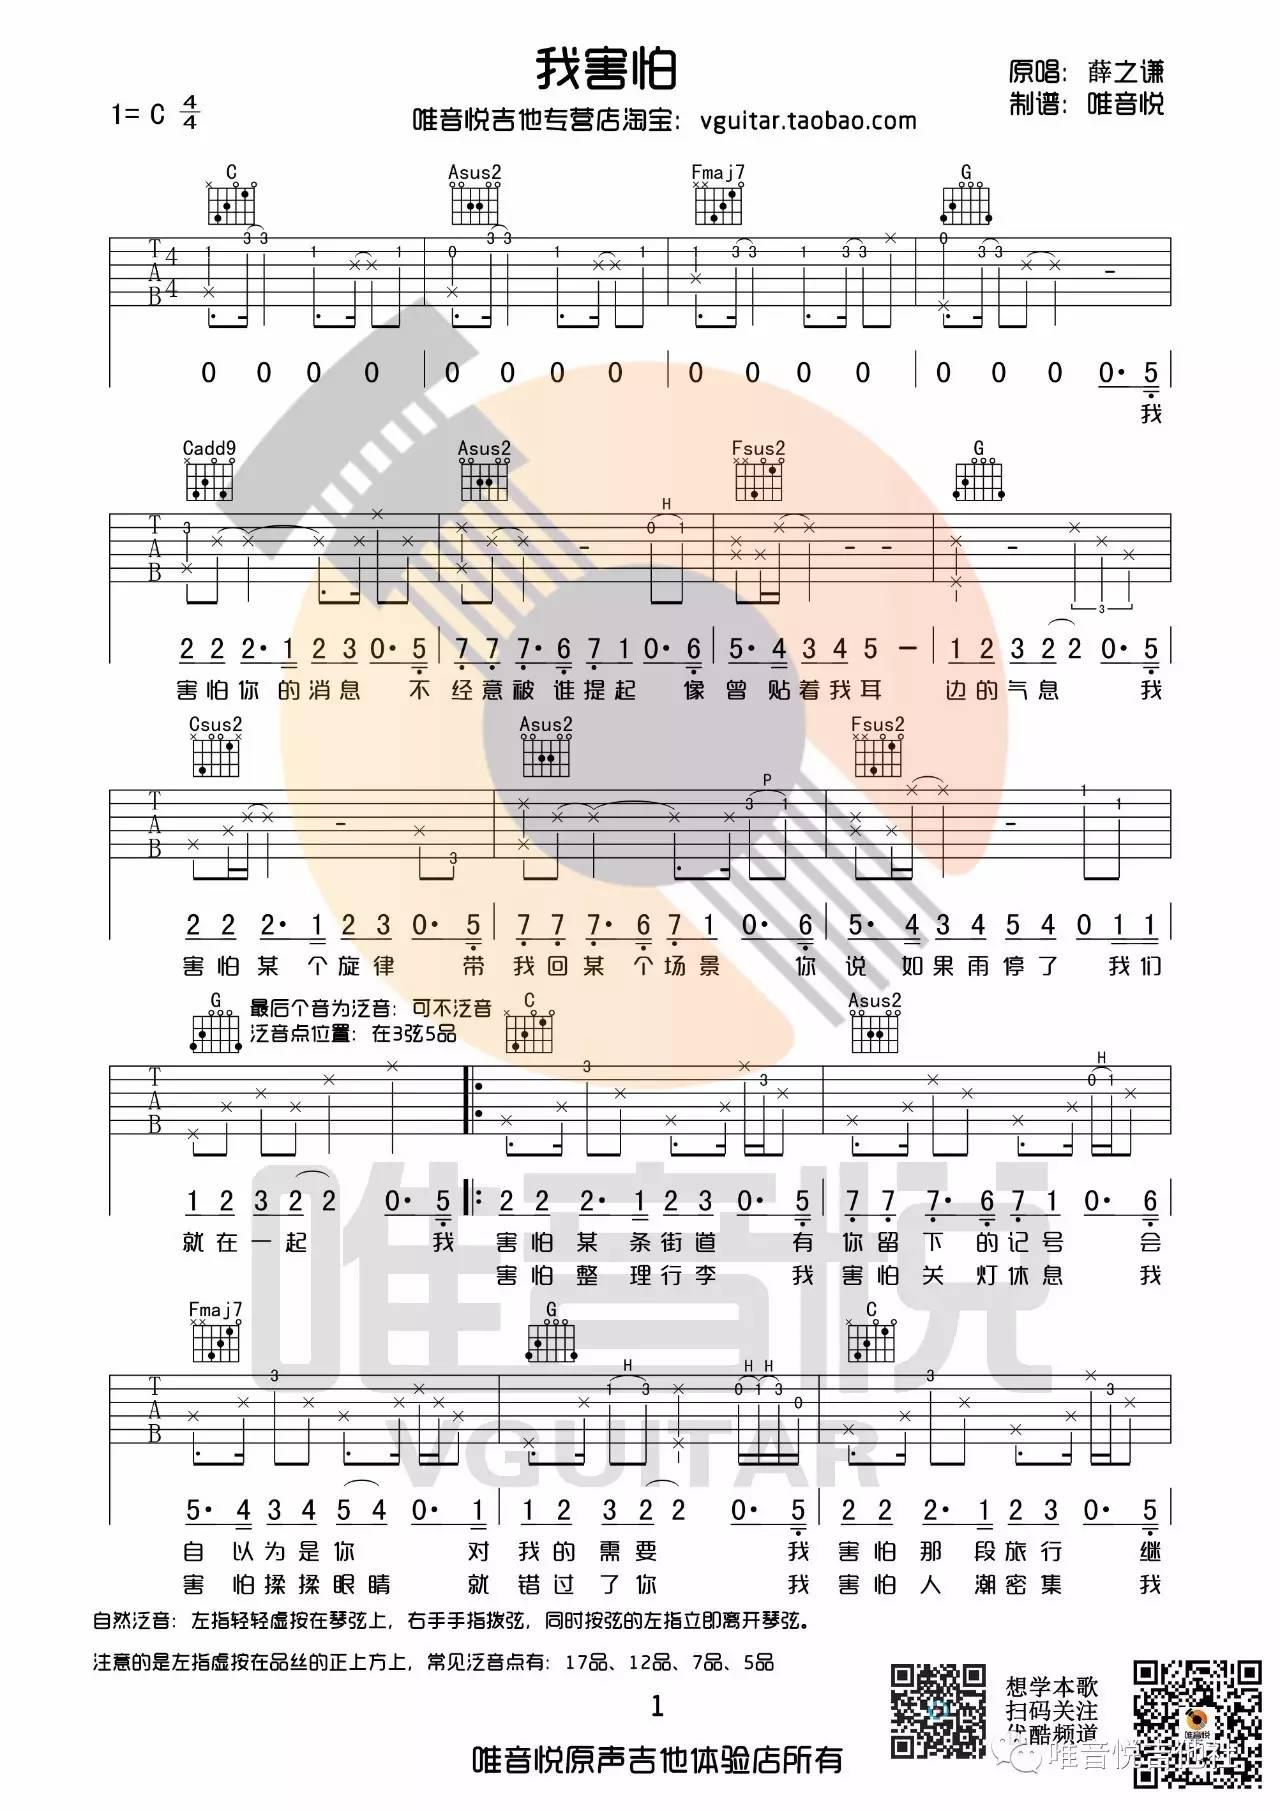 【视频教学】我害怕 薛之谦 原版吉他弹唱教学